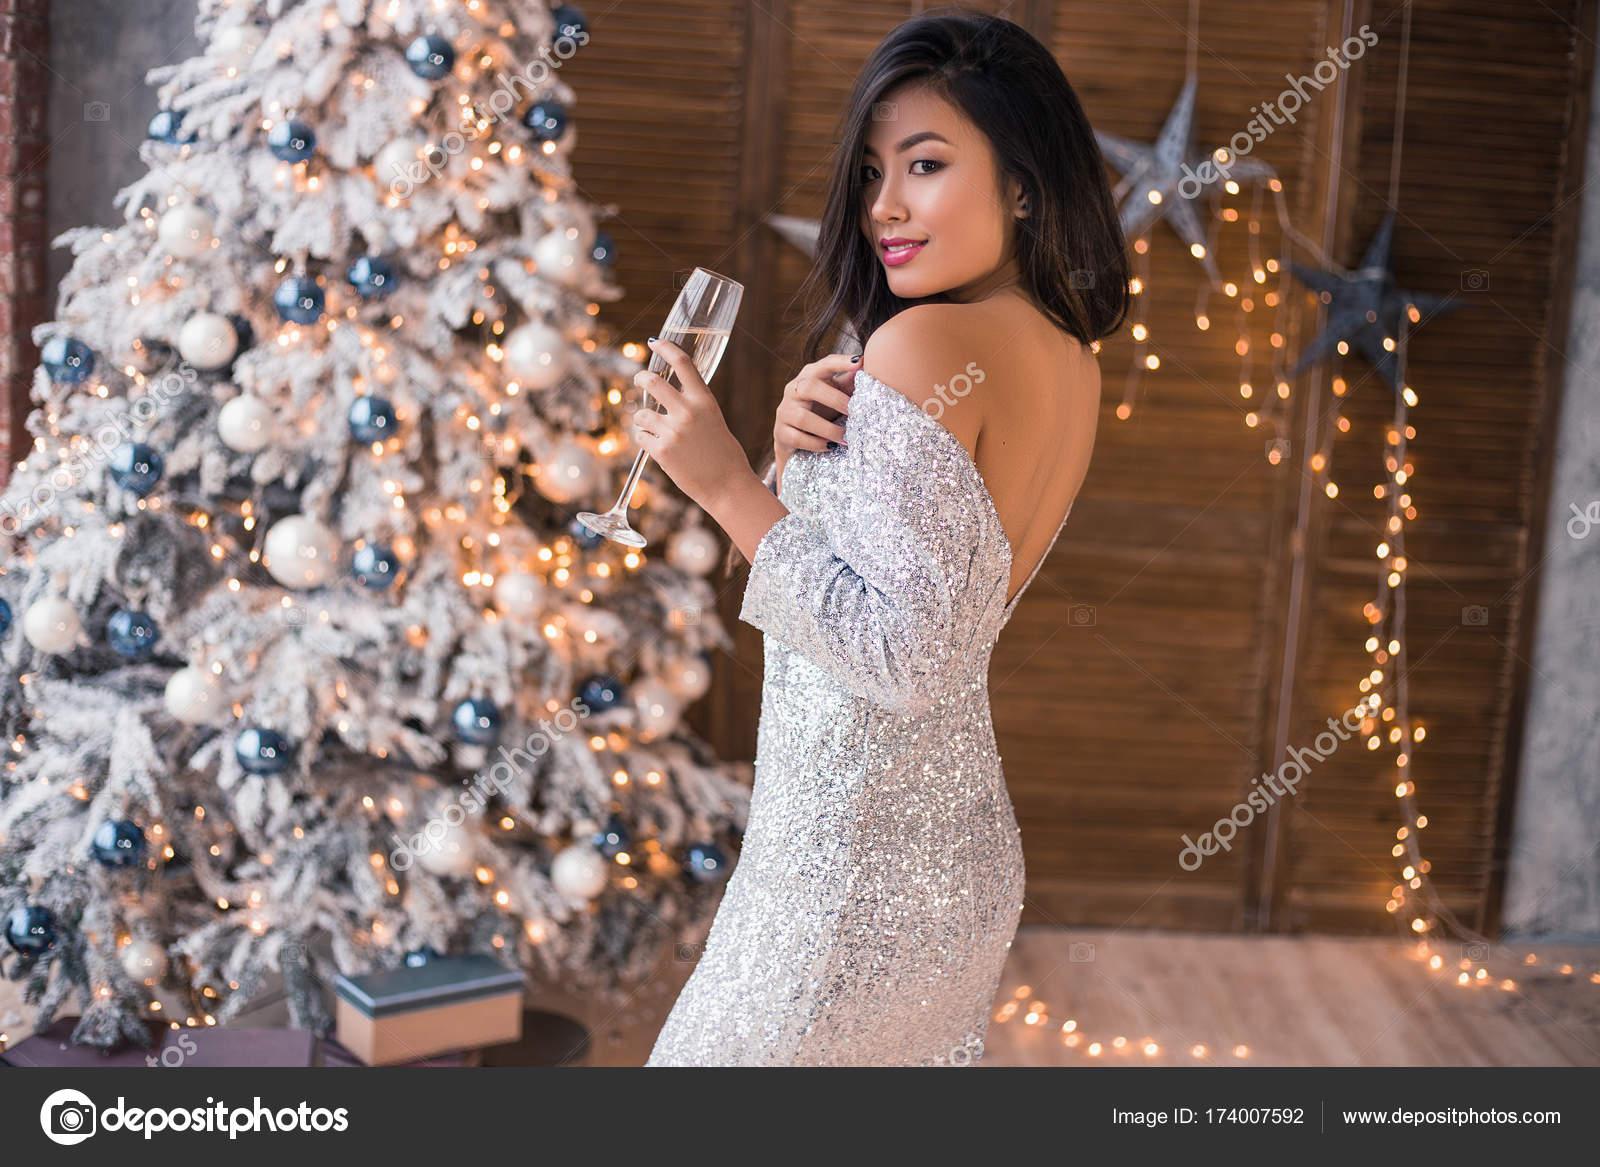 Фото секси девушек новый год порно